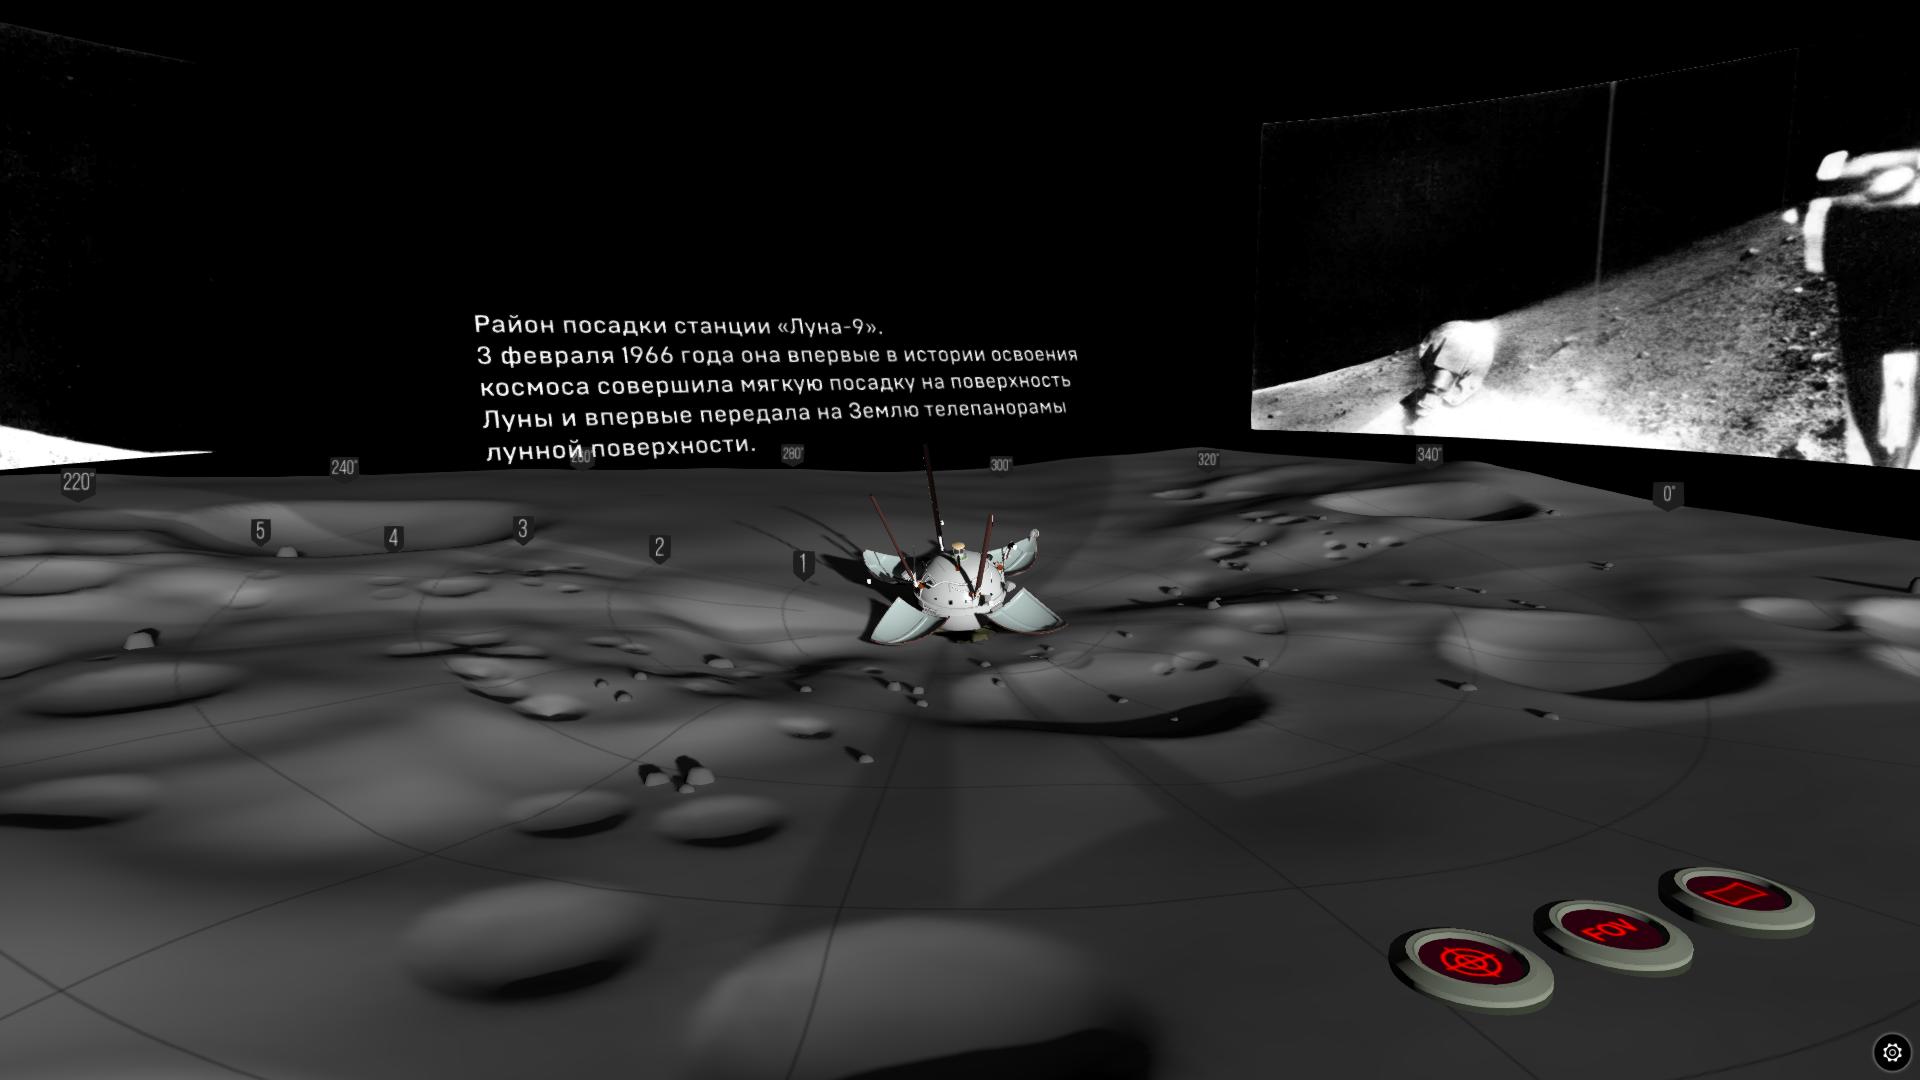 Как я реконструировал места посадок АЛС Луна 9 и Луна 13 - 14